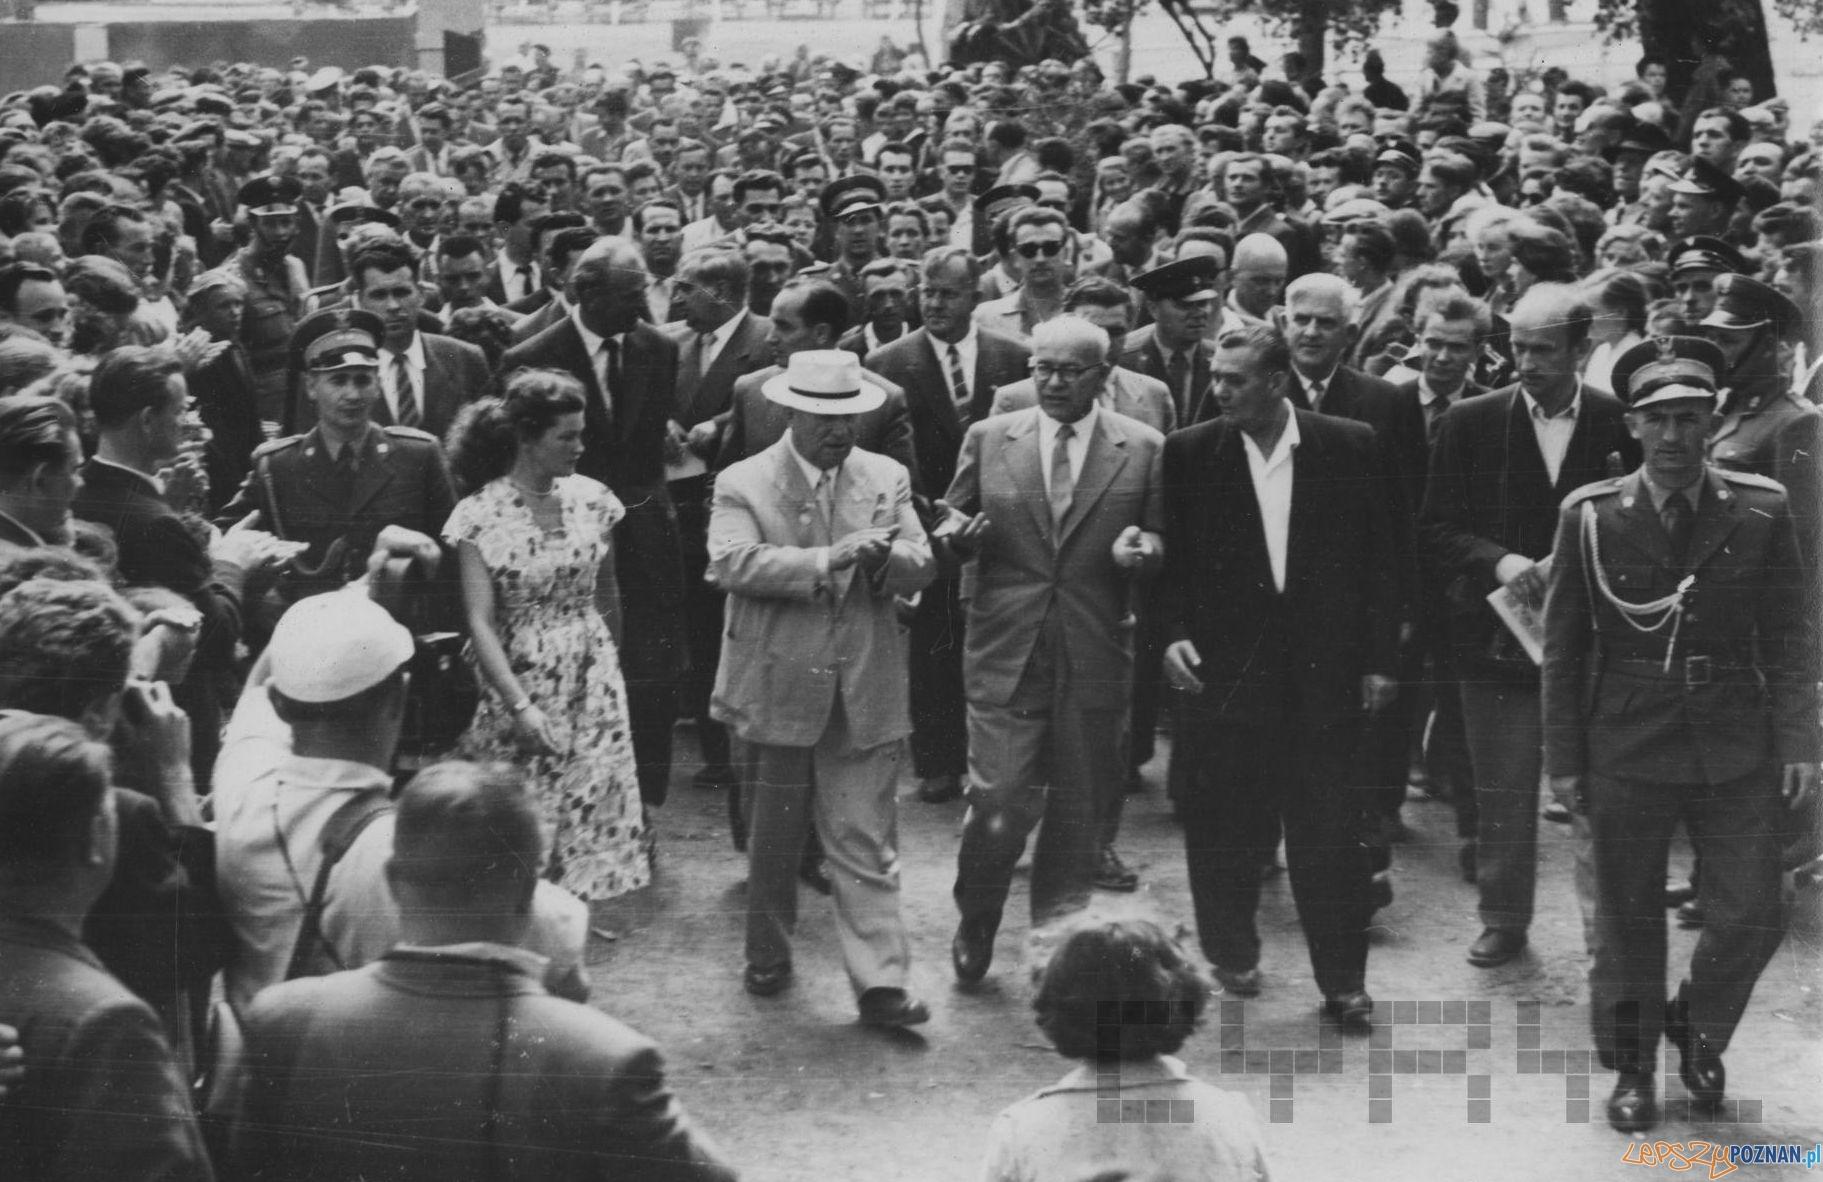 Wizyta Chruszczowa w Poznaniu - 18.07.1959 - przemawia Wincenty Kraśko  Foto: H. Ignor / Cyryl